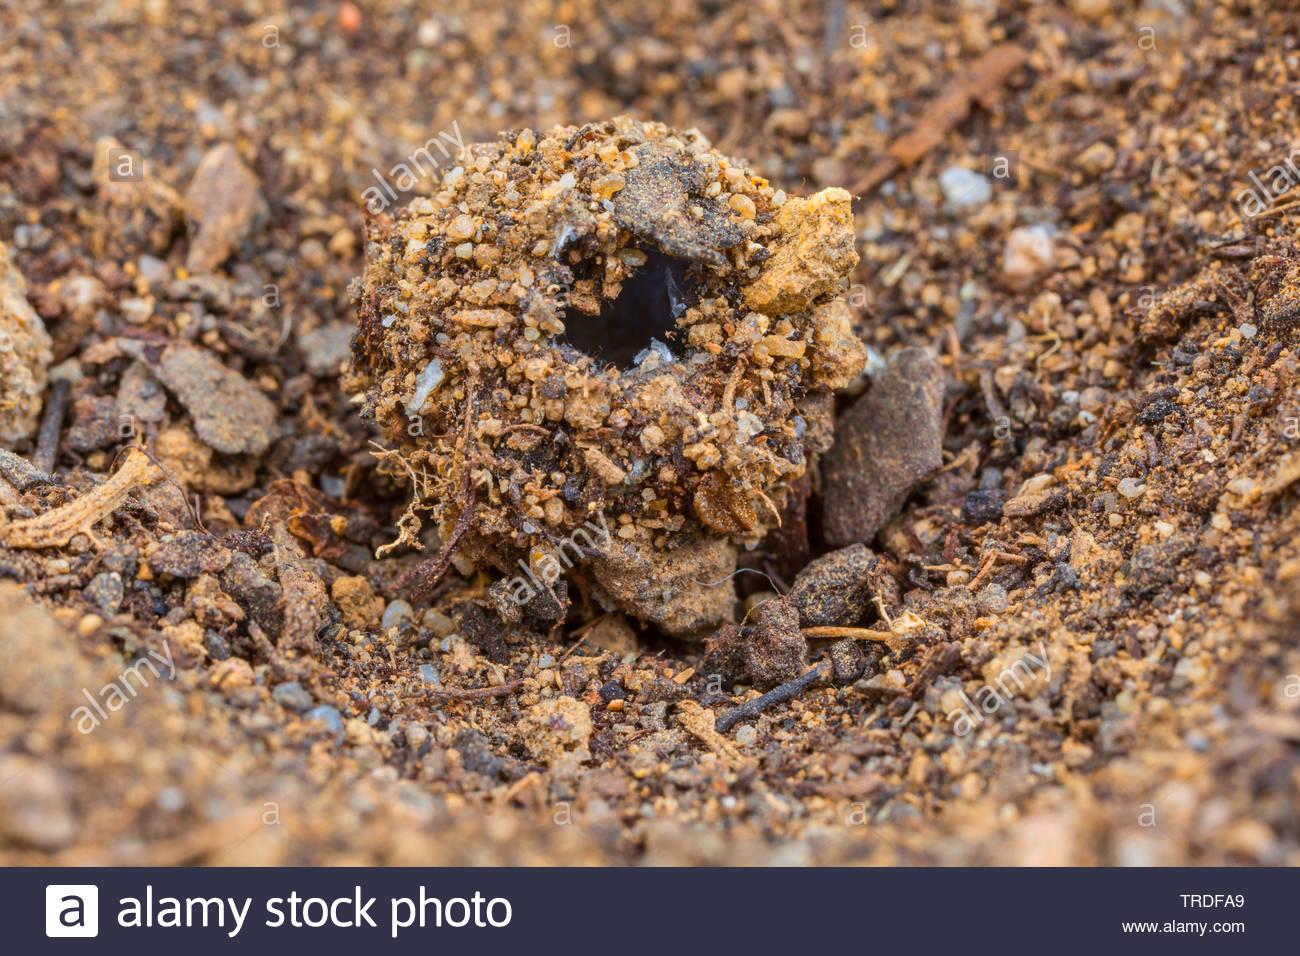 geflecktfluegelige ameisenjungfer geflecktfluegelige ameisen jungfer euroleon nostras kokon mit erdklumpen und steinchen arnt kokon mit schlup TRDFA9